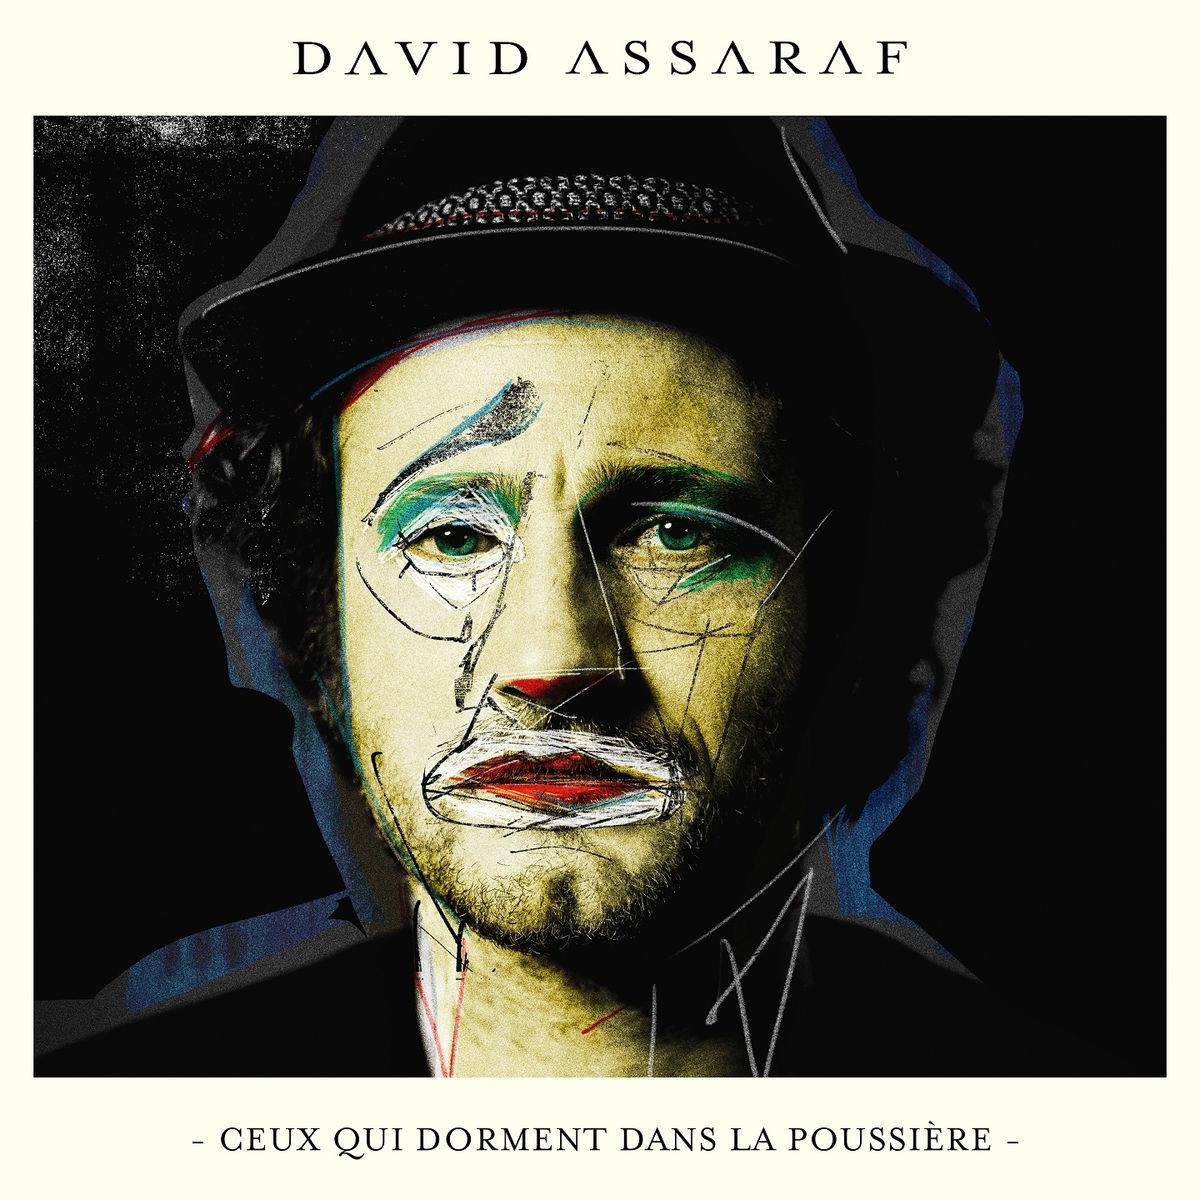 David Assaraf - Ceux qui dorment dans la poussiere